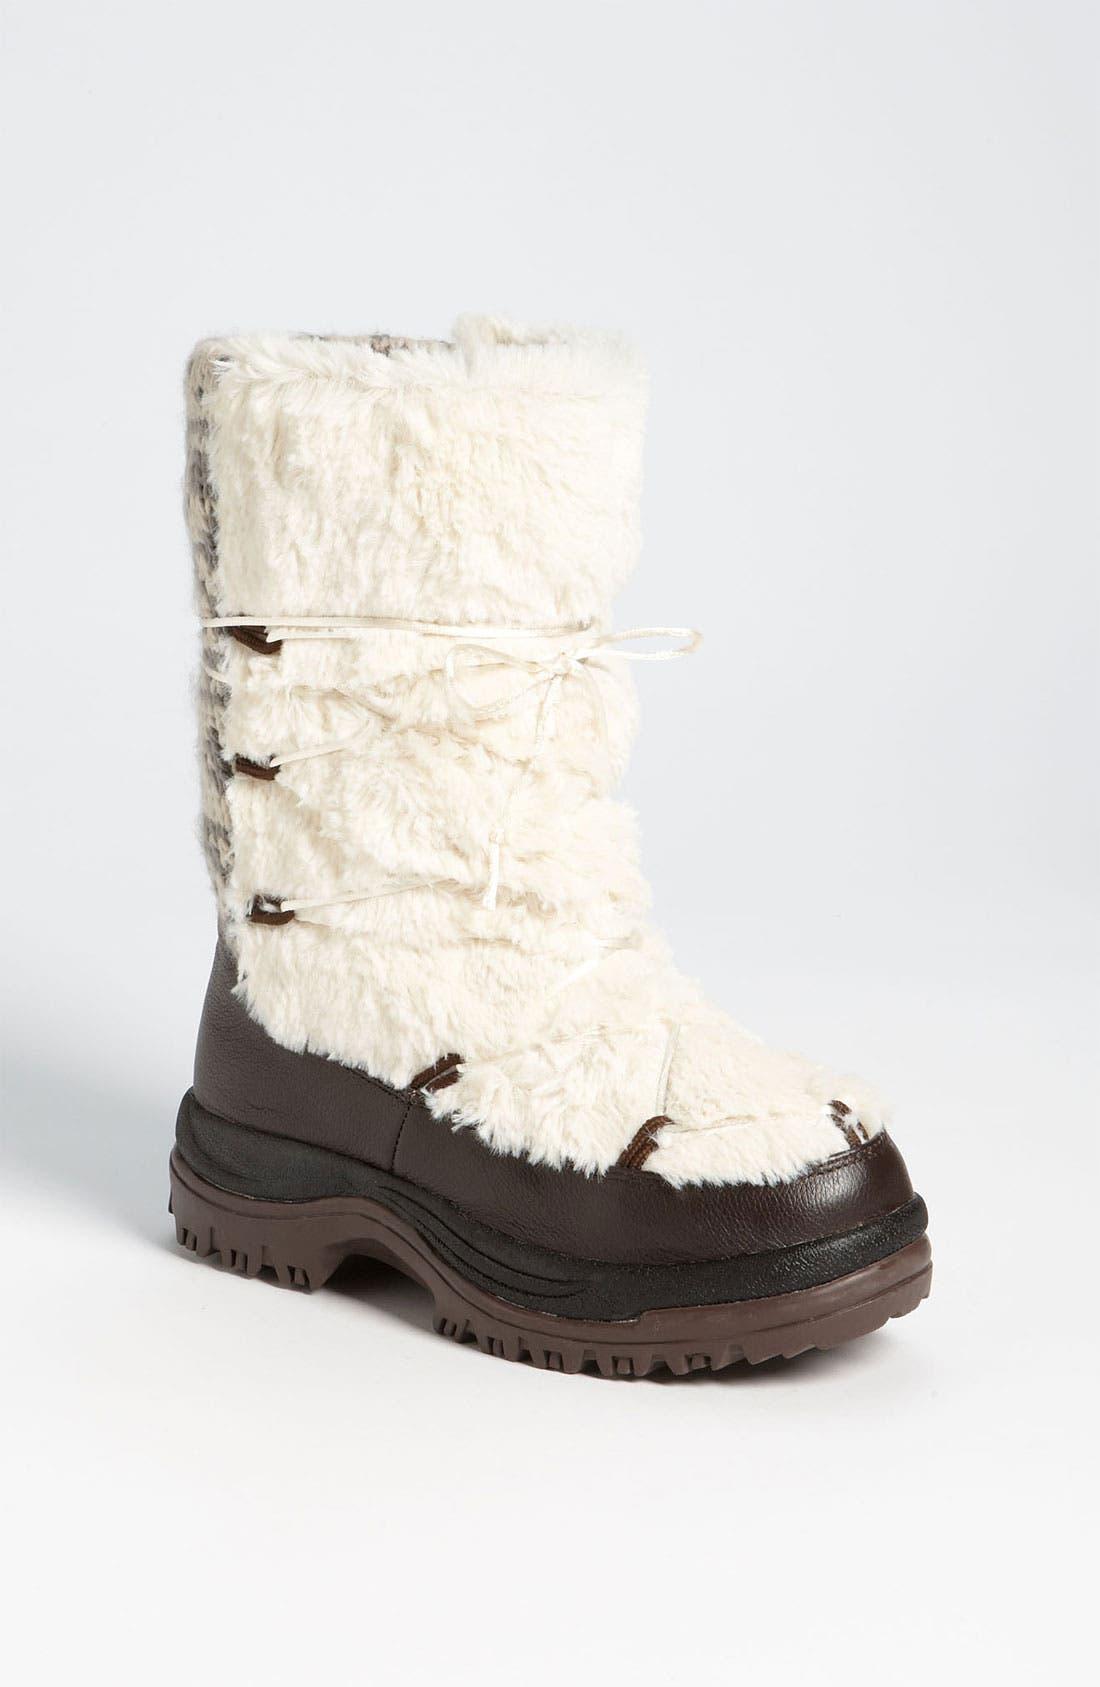 Main Image - MUK LUKS 'Massak Woodland' Snow Boot